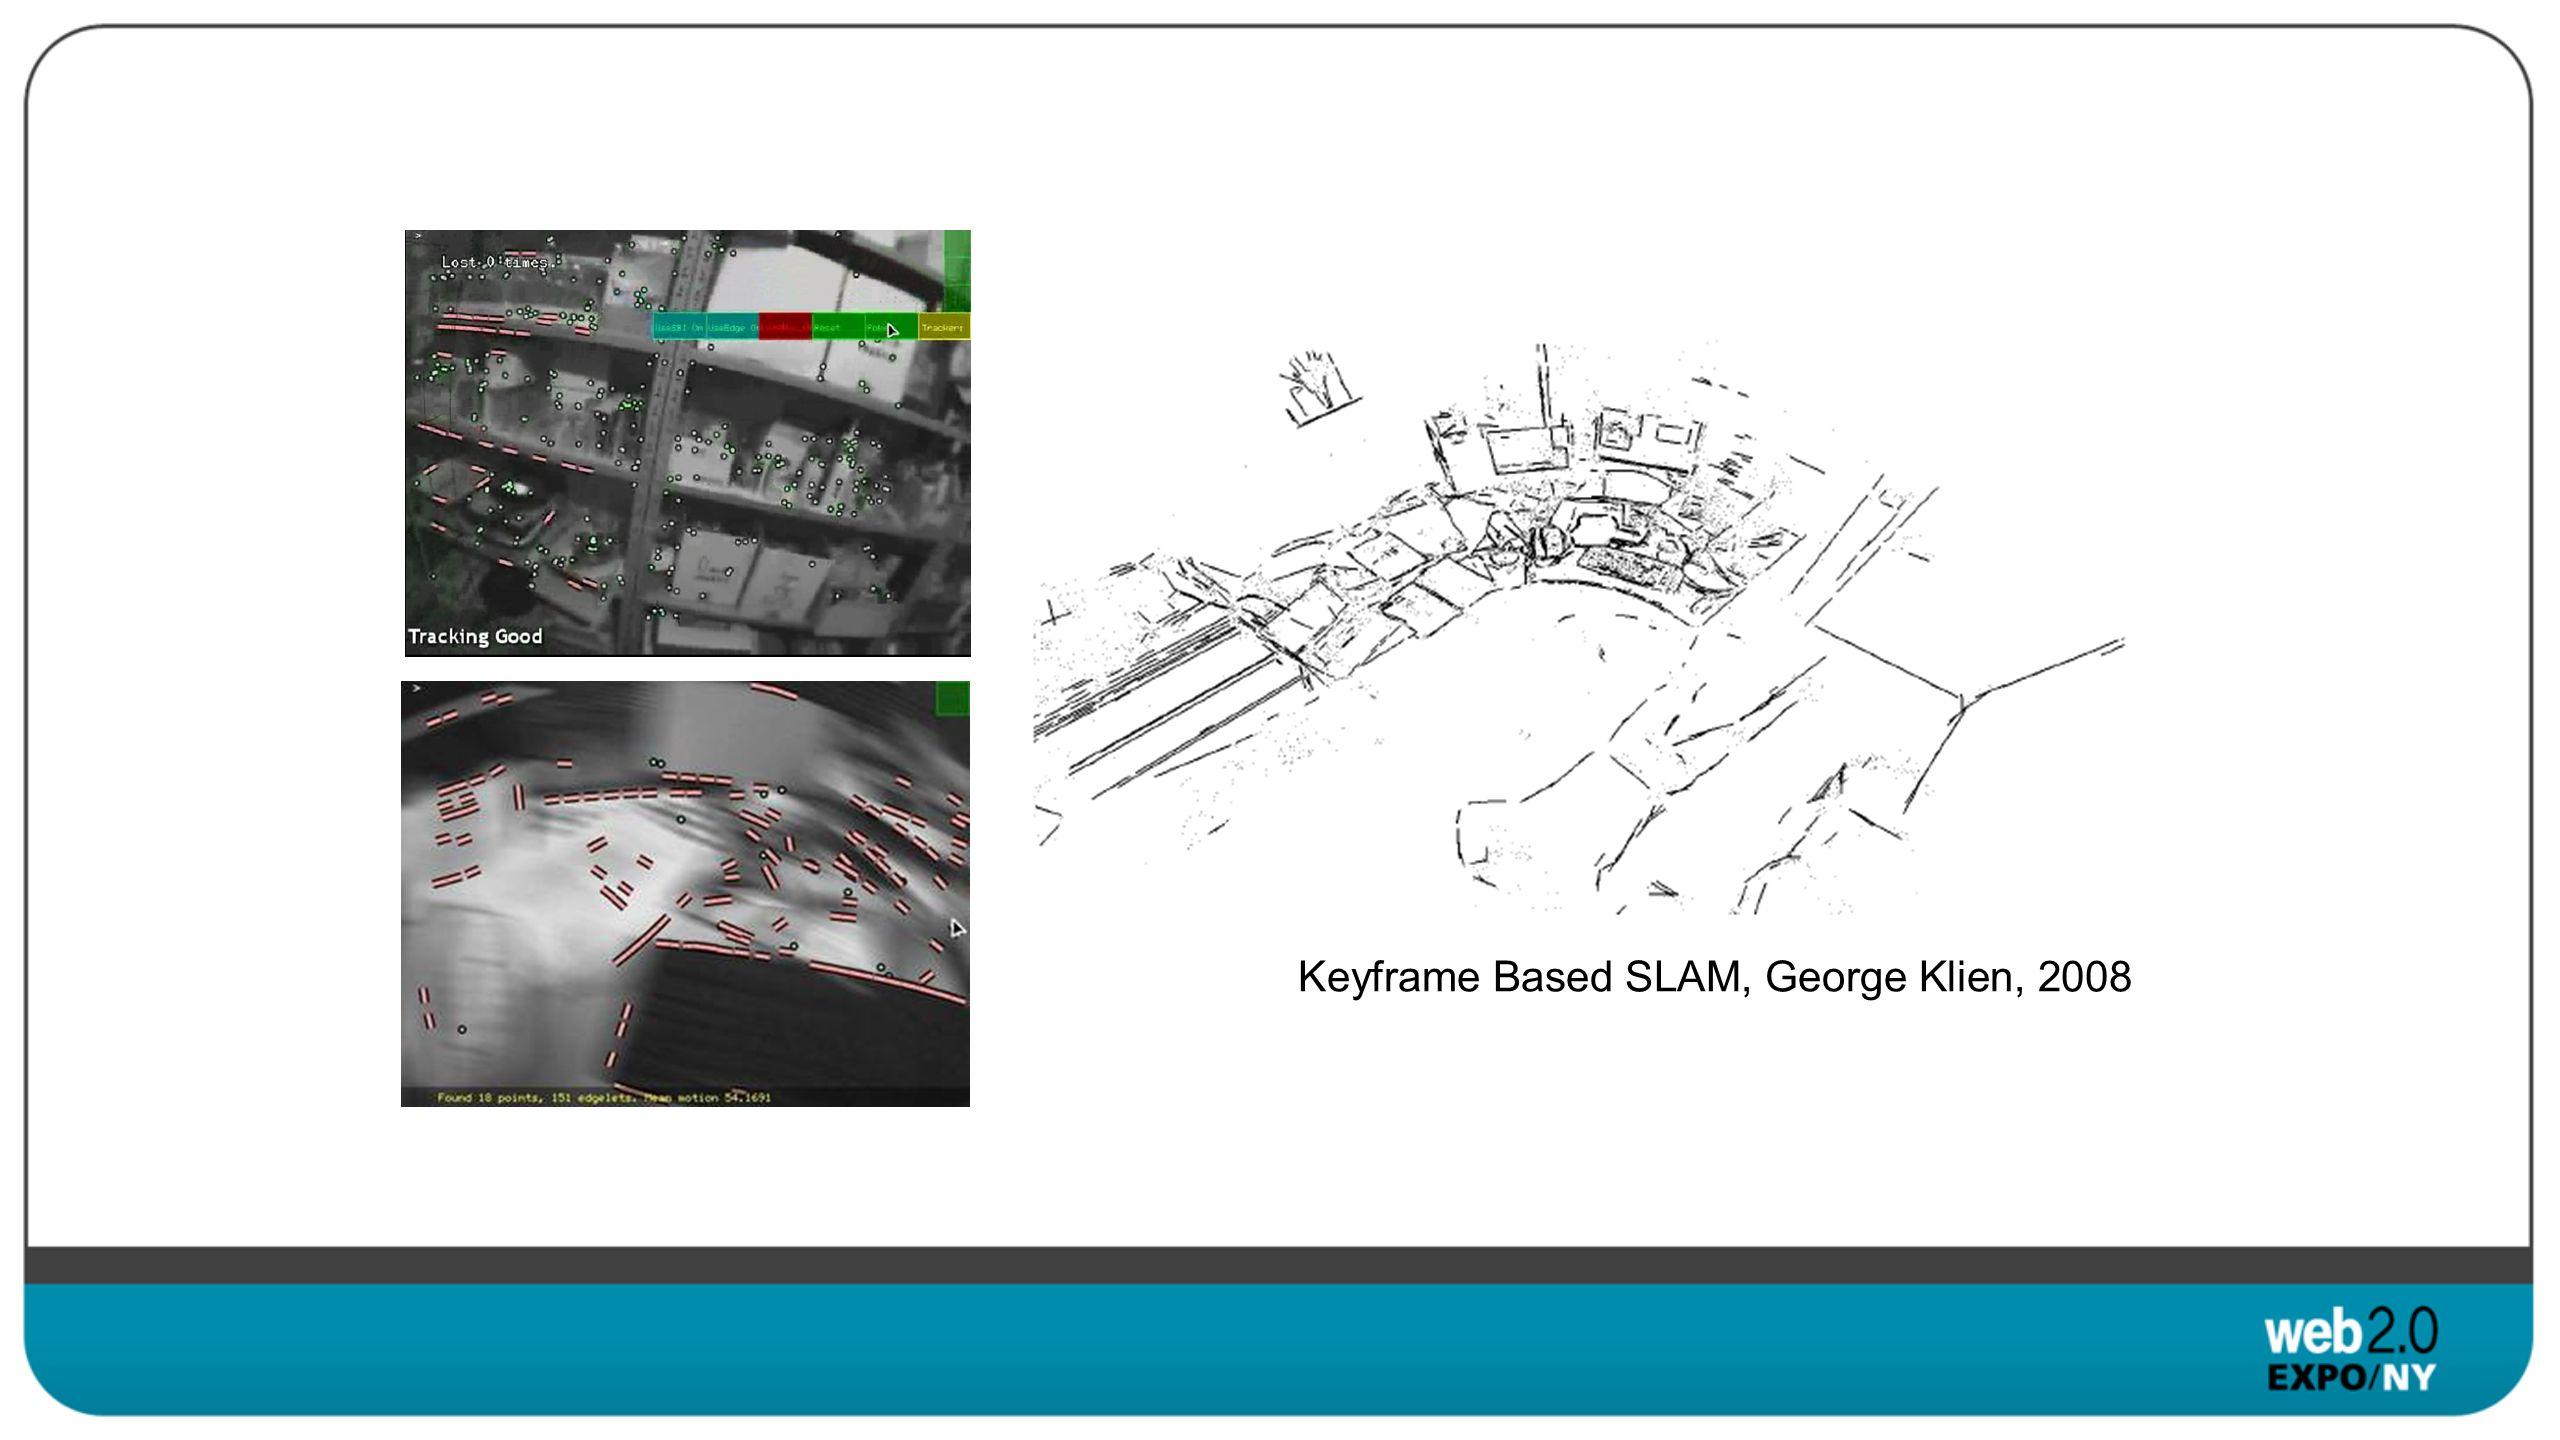 Keyframe Based SLAM, George Klien, 2008